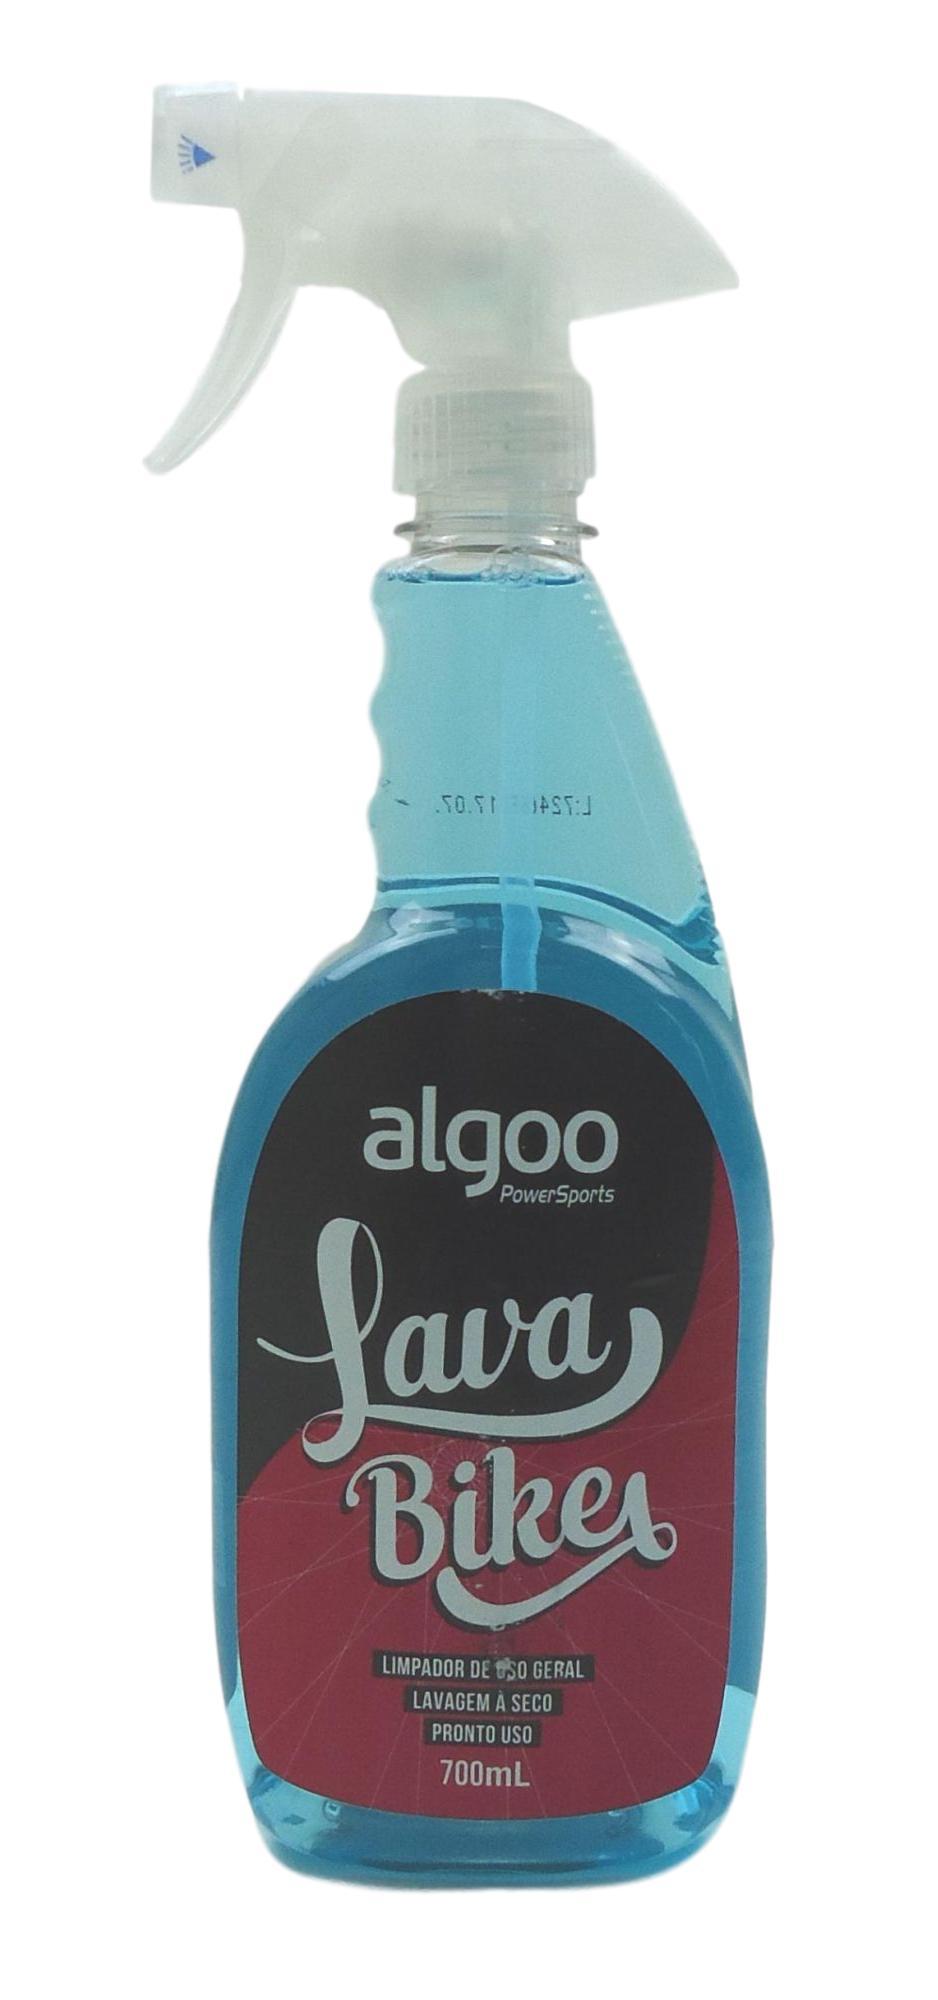 Shampoo Limpador Lava Bikes para Bicicletas Algoo Powersports com 700ml Biodegradável